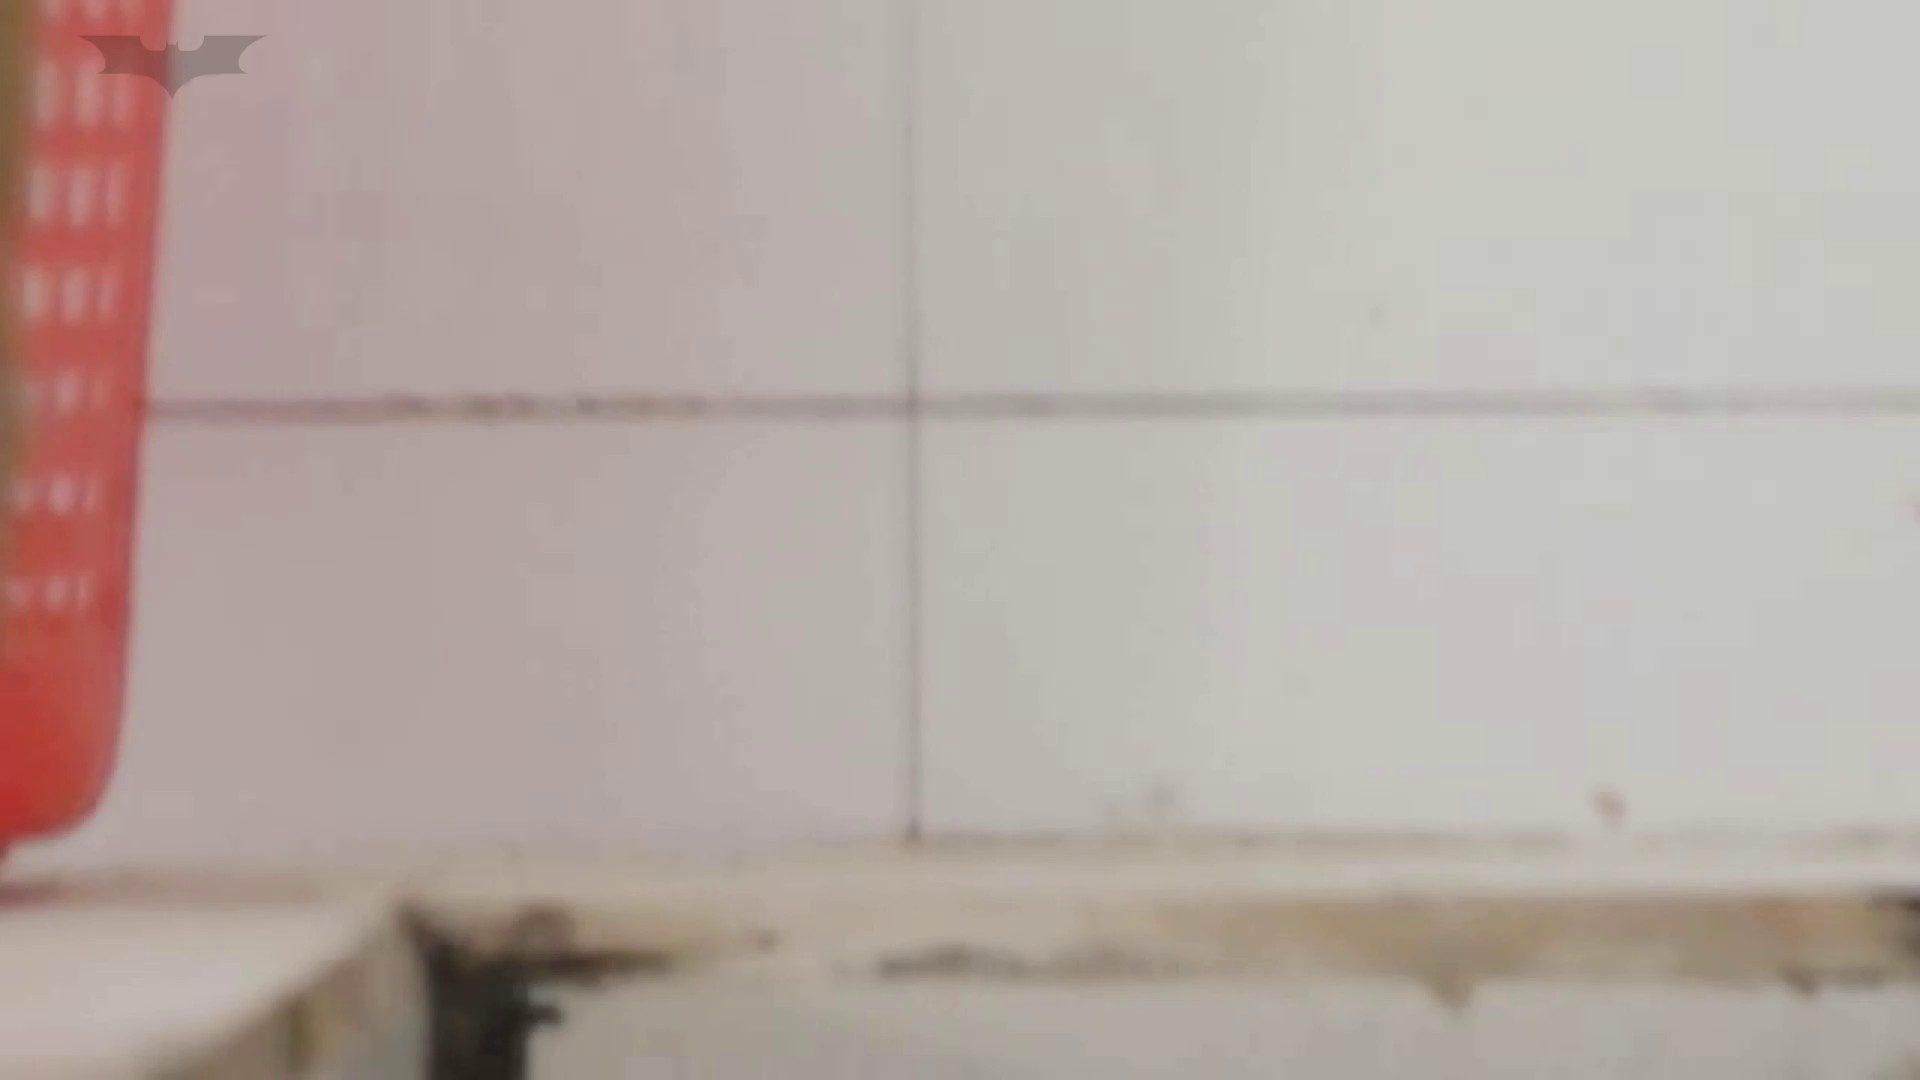 JD盗撮 美女の洗面所の秘密 Vol.19 美女達のヌード | トイレ中  27連発 23